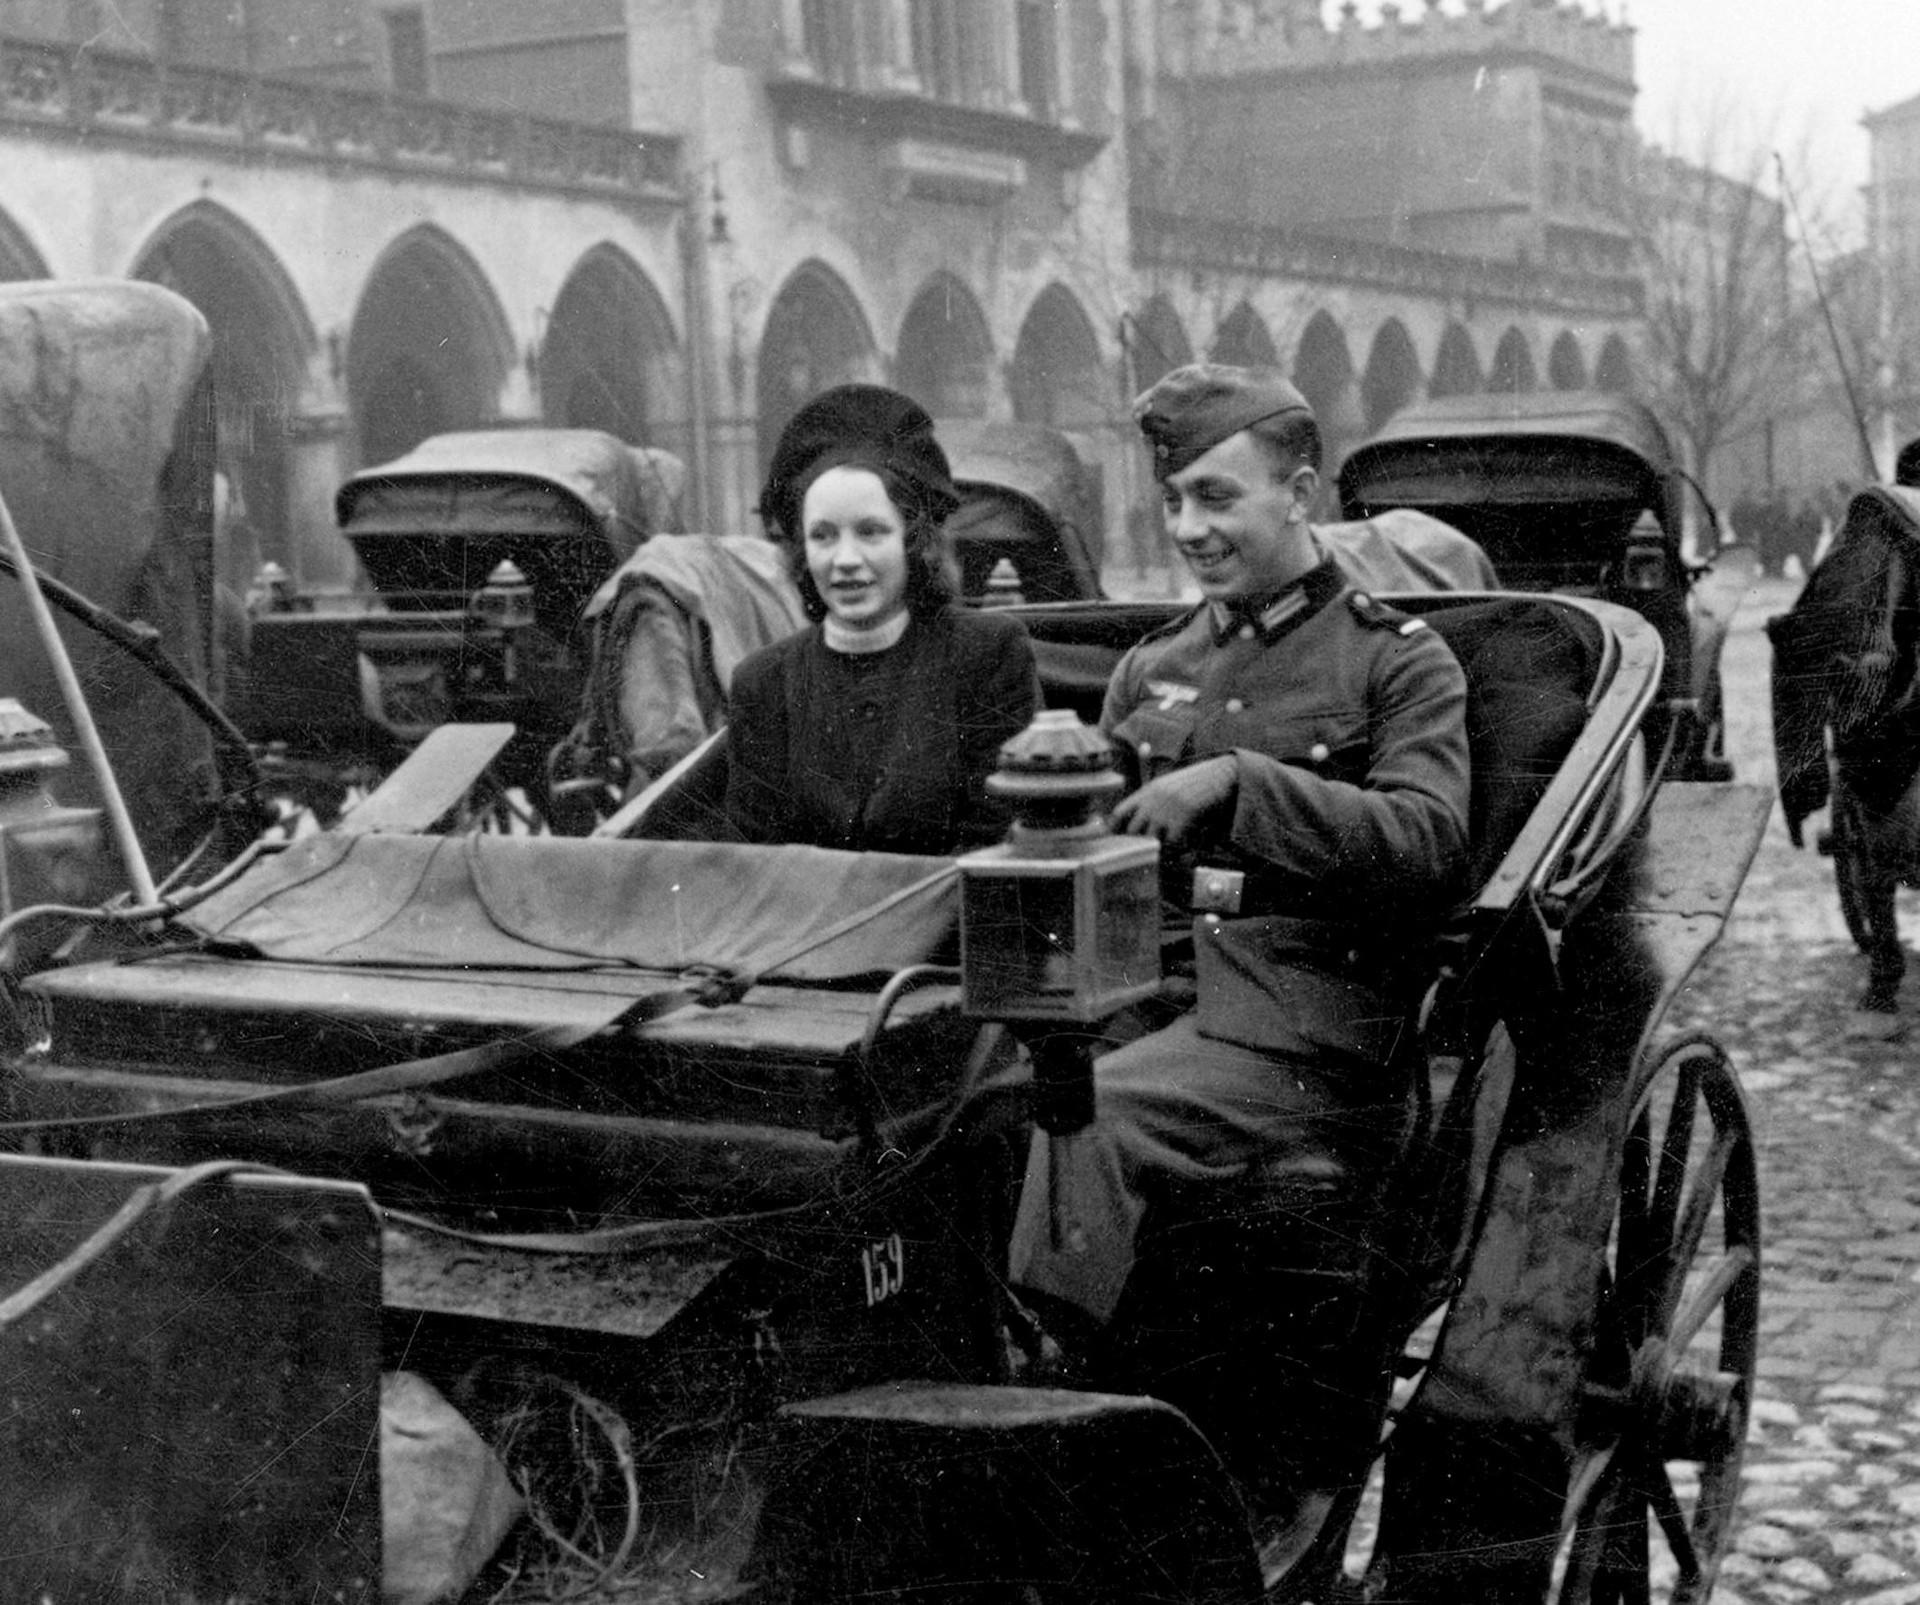 0742855771cba8 Niemiecki żołnierz w towarzystwie dziewczyny wybiera się na przejażdżkę  dorożką